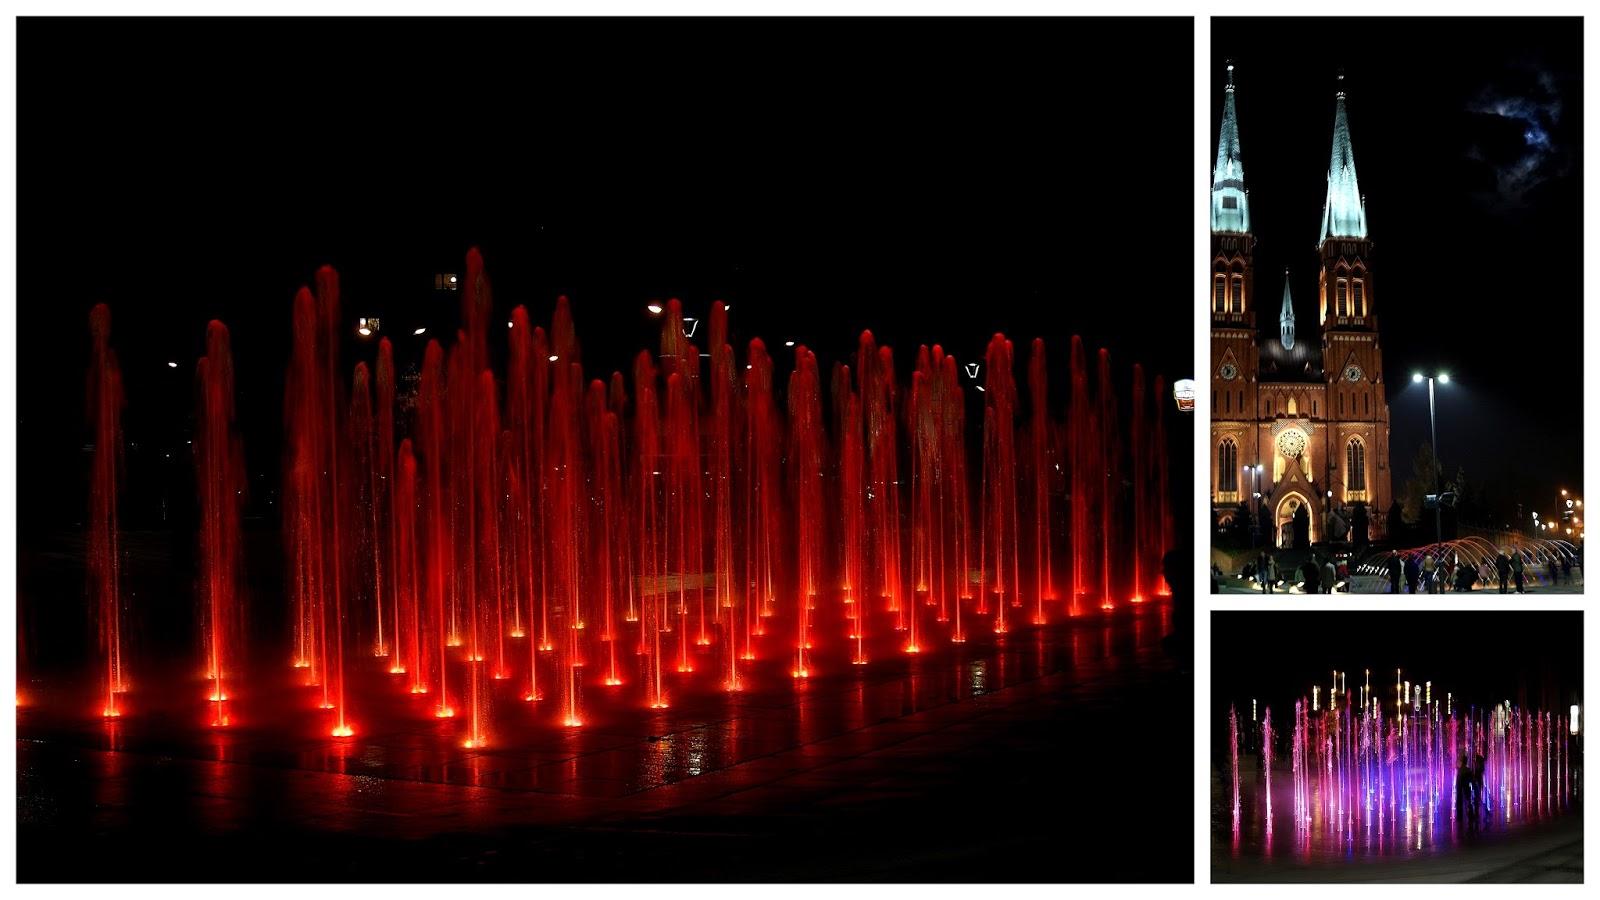 Nowa Fontanna pod Bazyliką w Rybniku - wieczorny pokaz